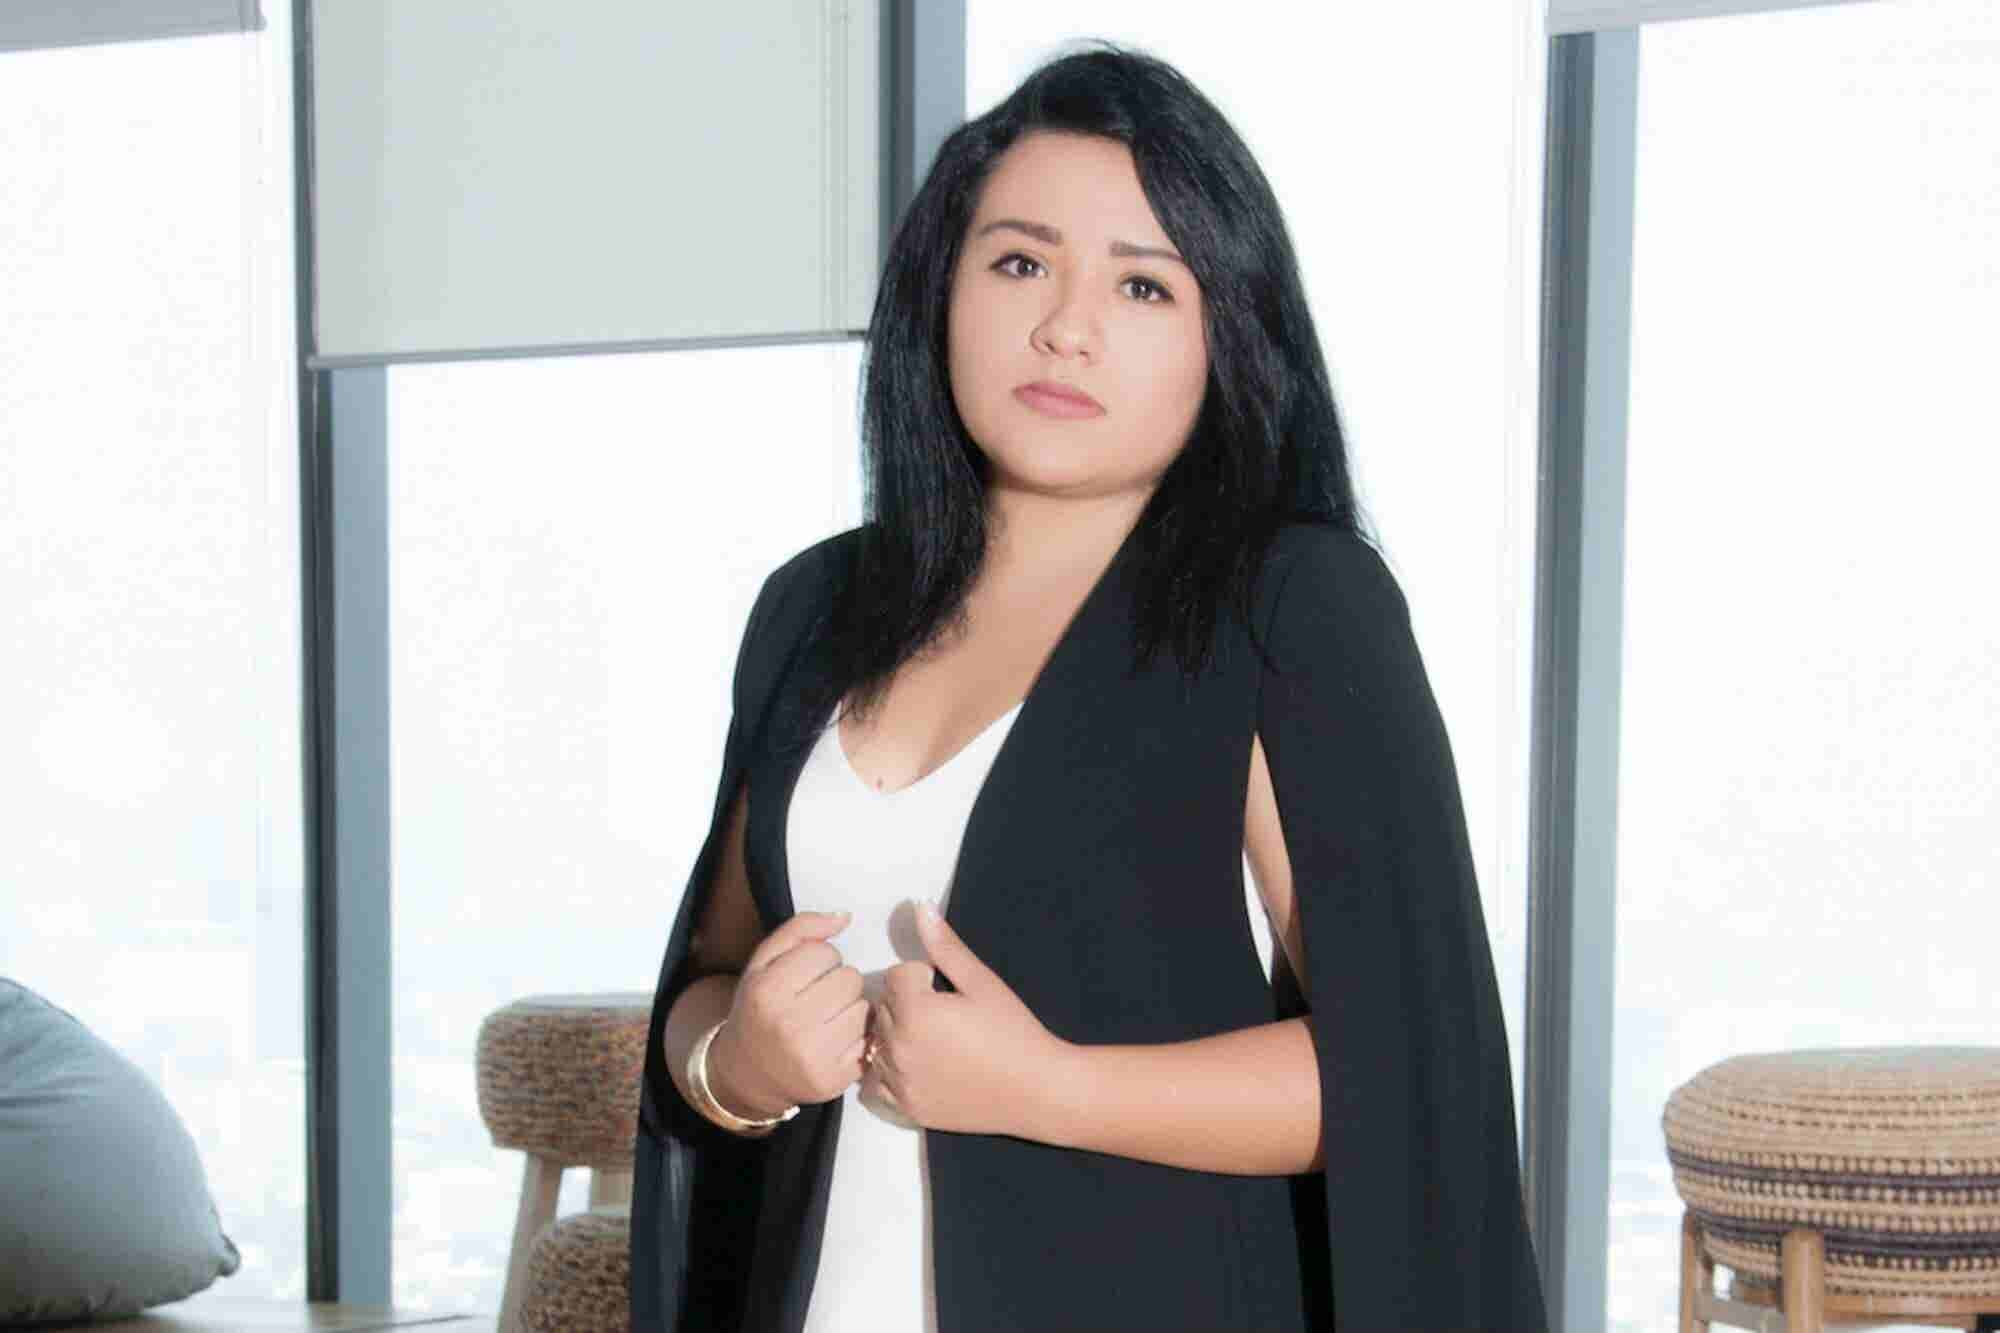 Con 23 a帽os, ella quiere formalizar los negocios mexicanos